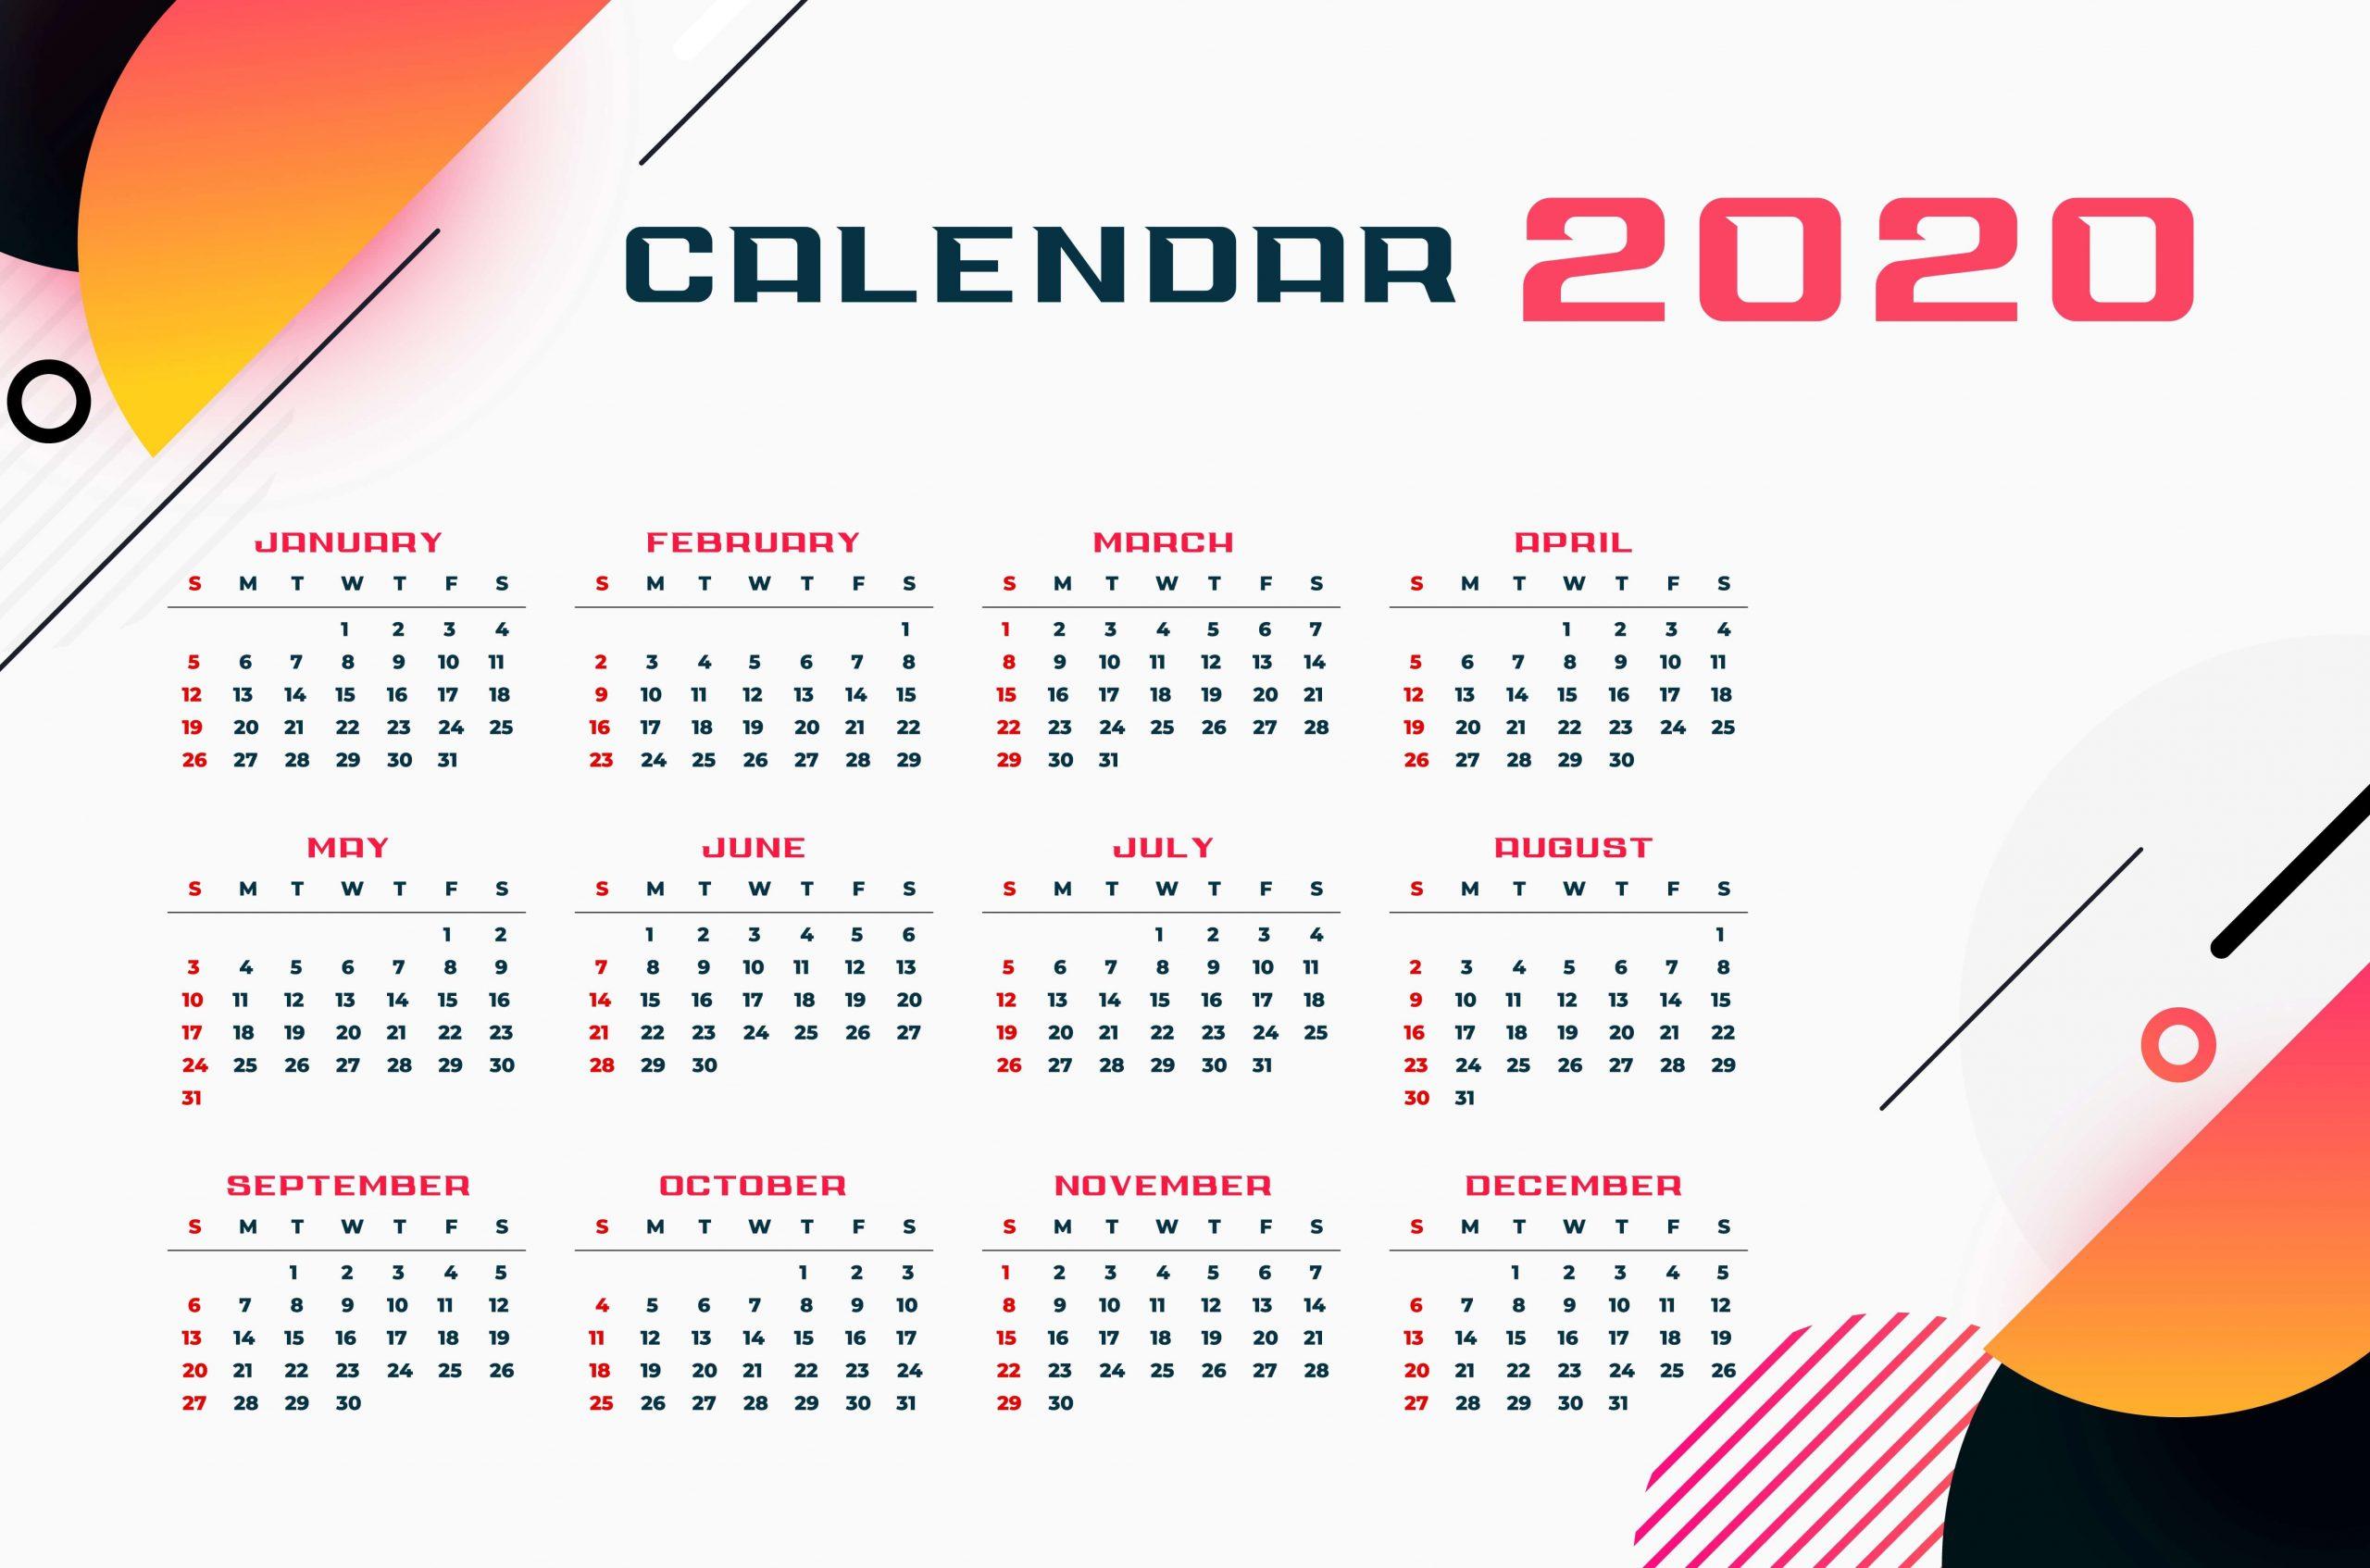 One Year Calendar 2020 PDF